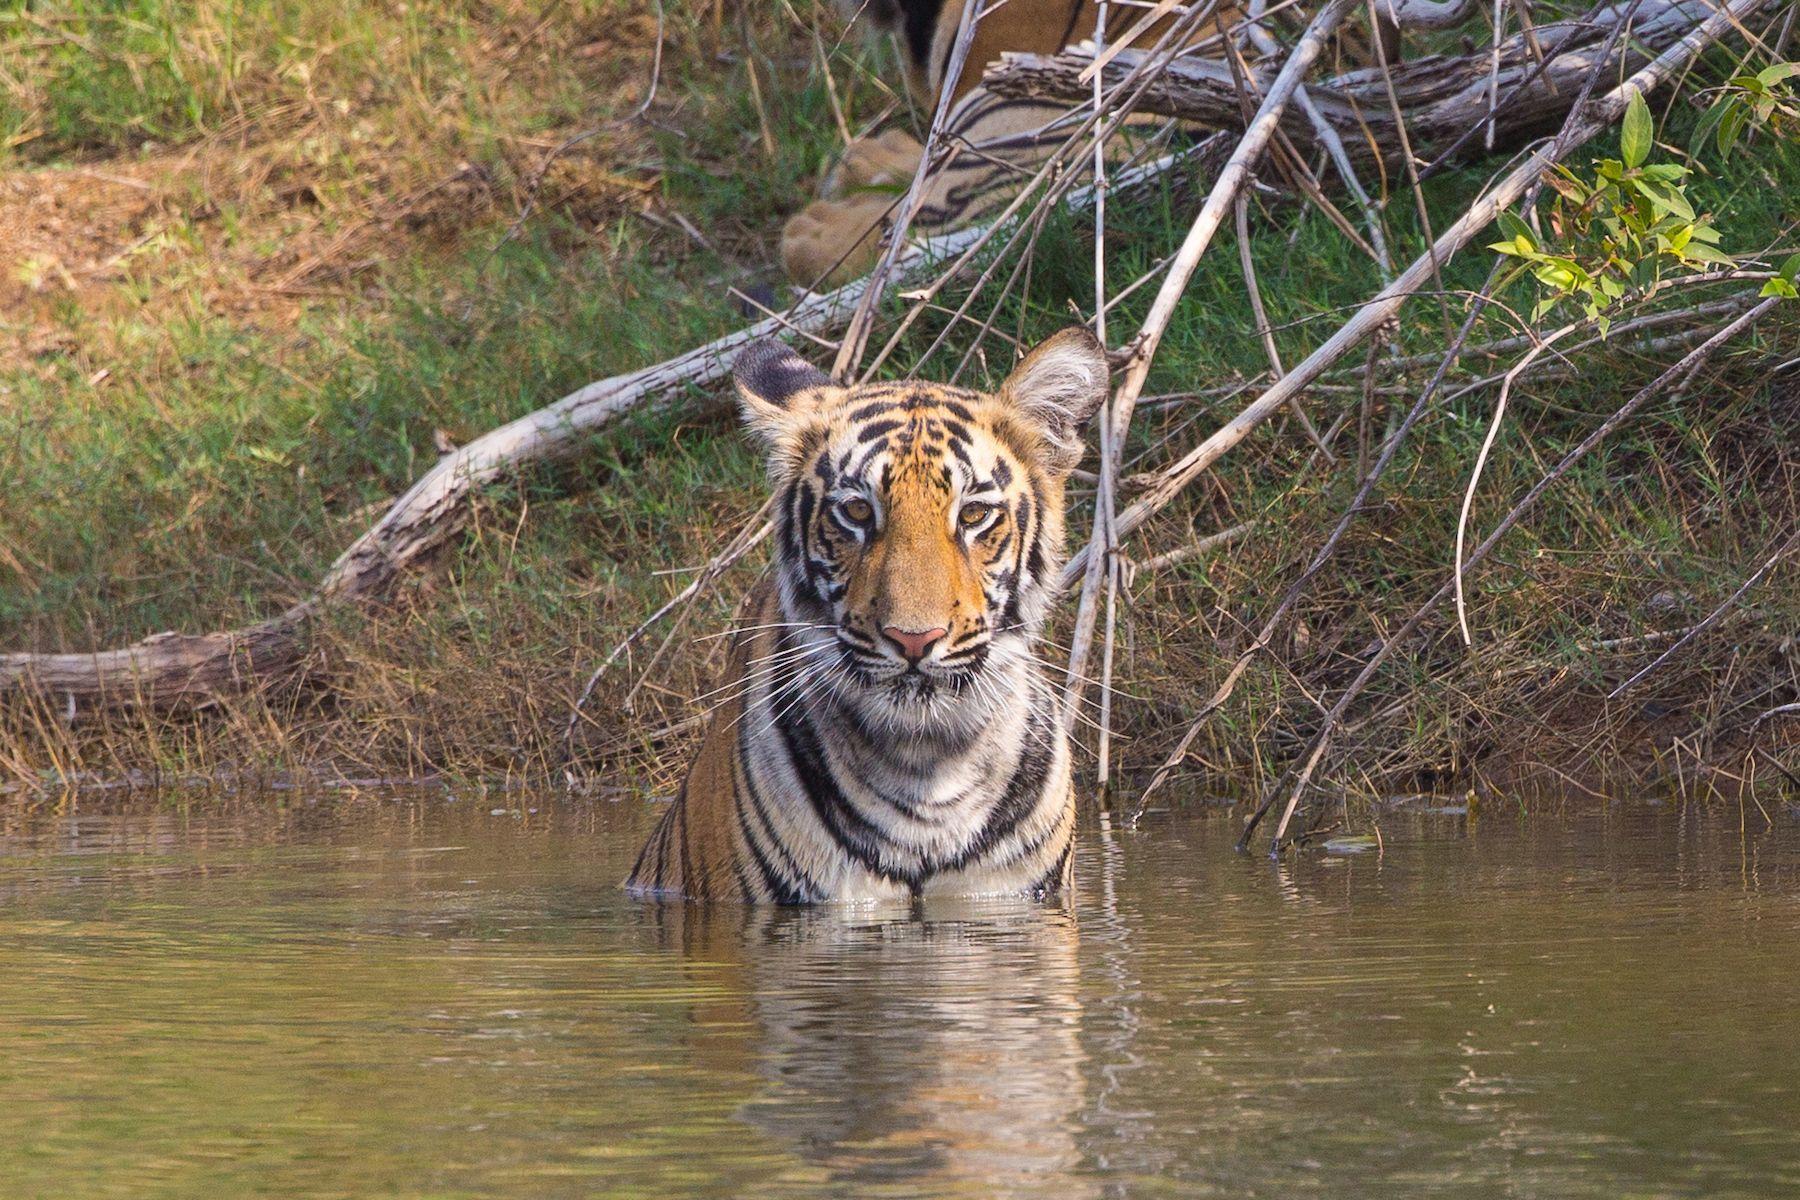 Bathing Tiger cub at Tadoba Andhari